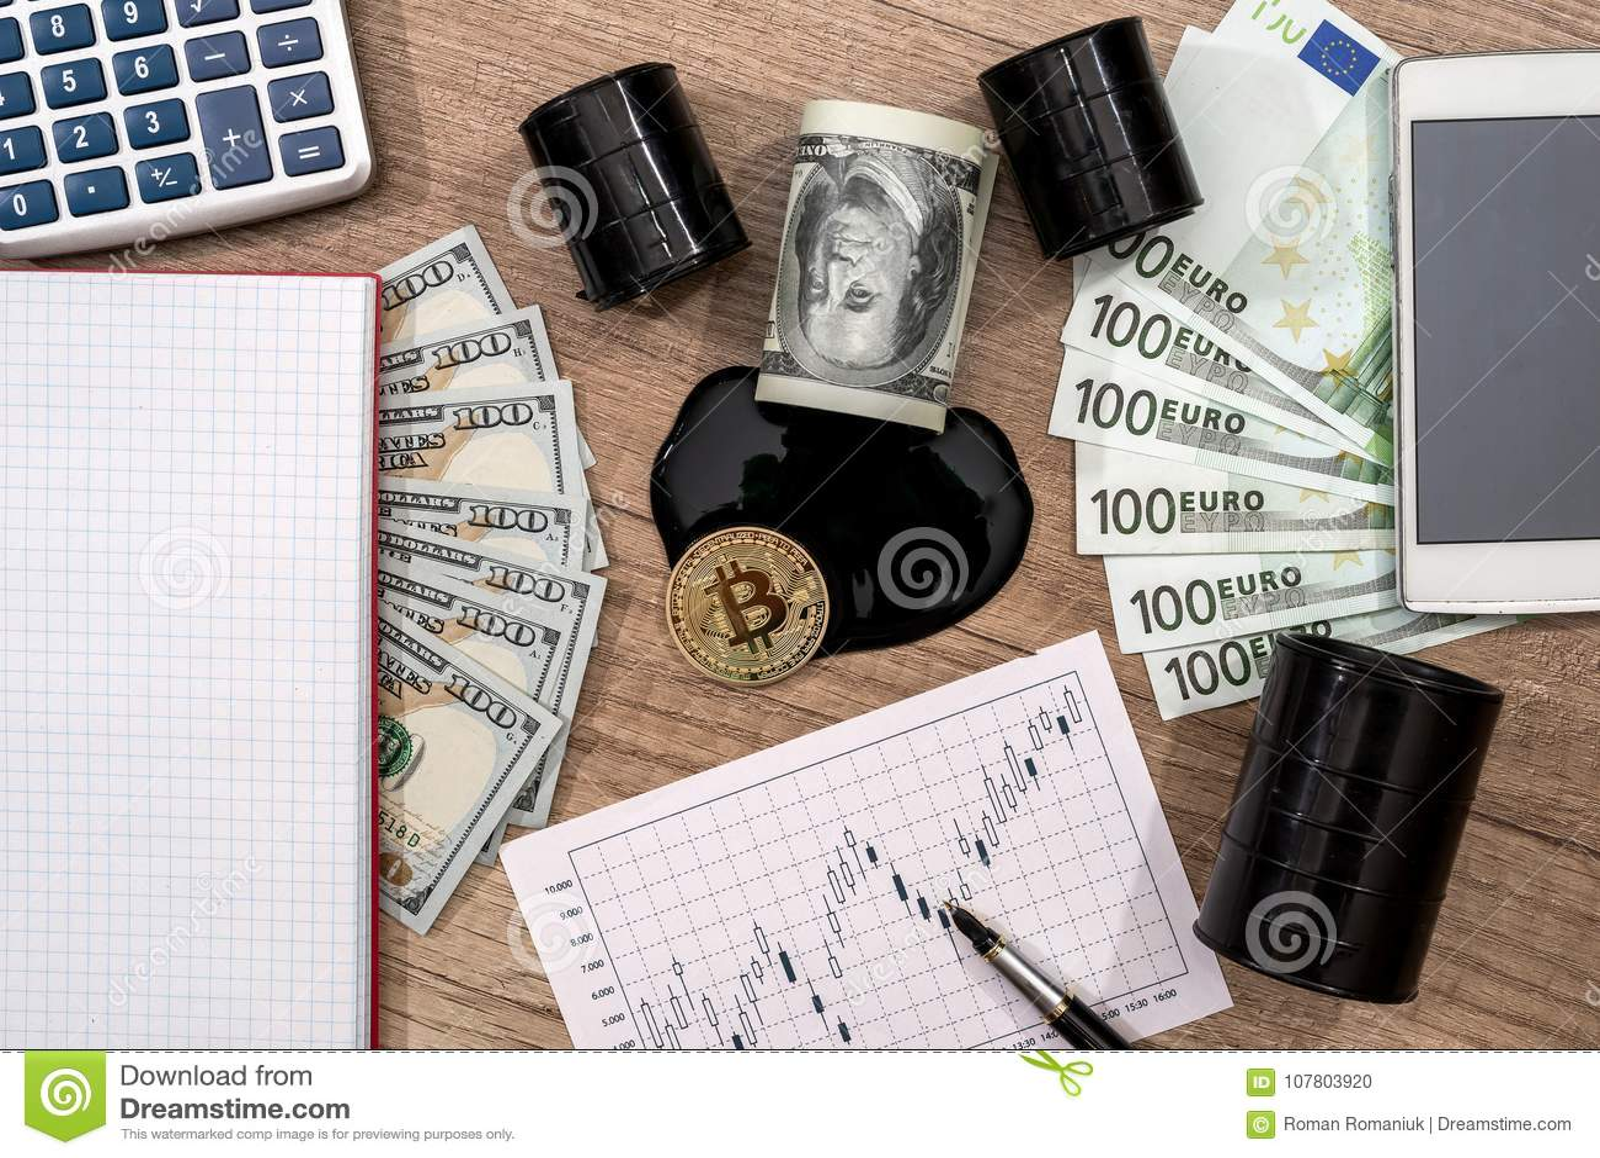 Cât costă 1 Ethereum în euro? - Criptomonedă